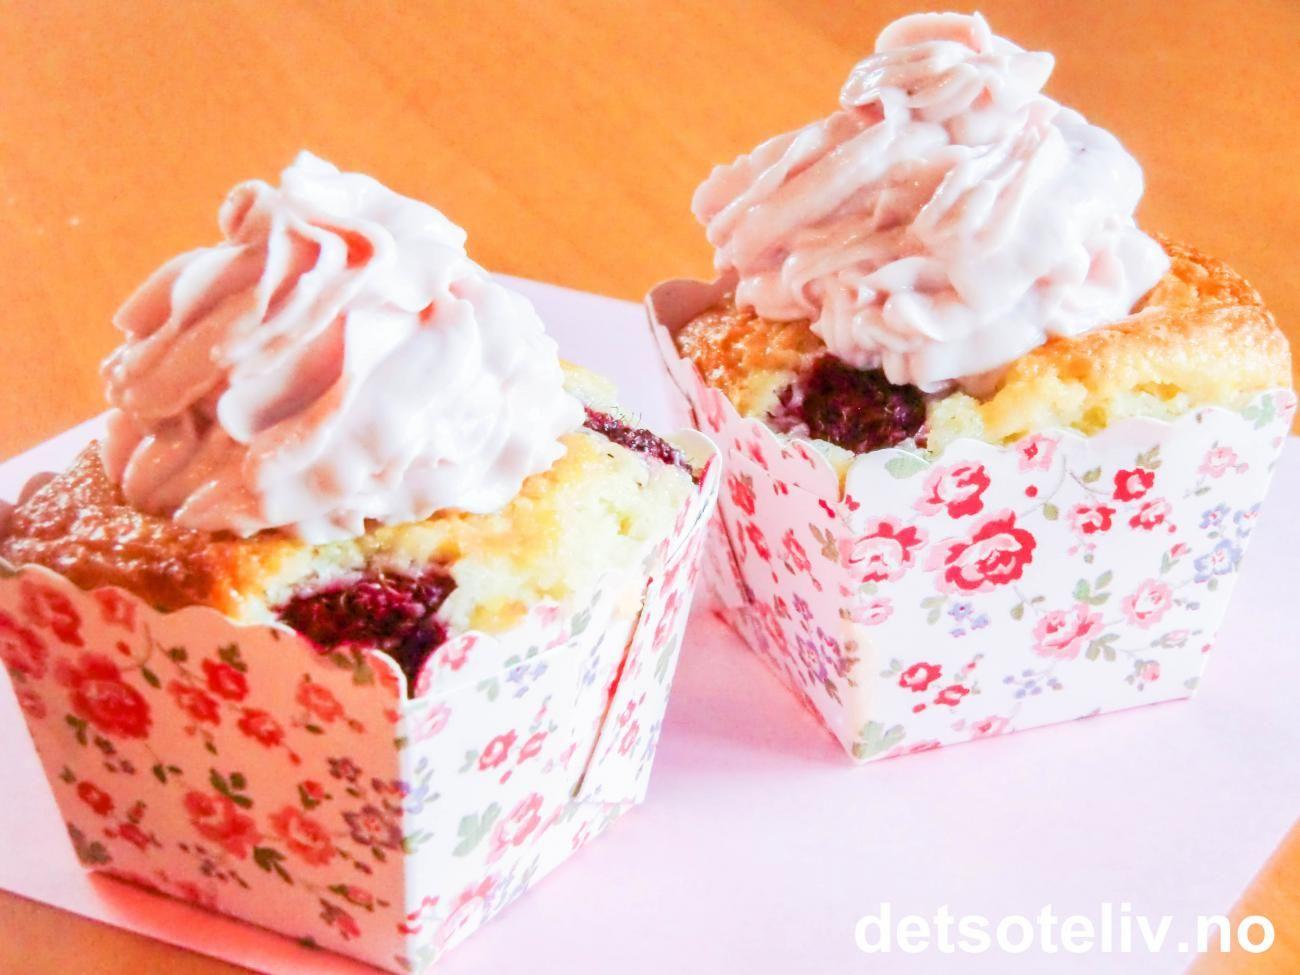 Fettfrie cupcakes | Det søte liv